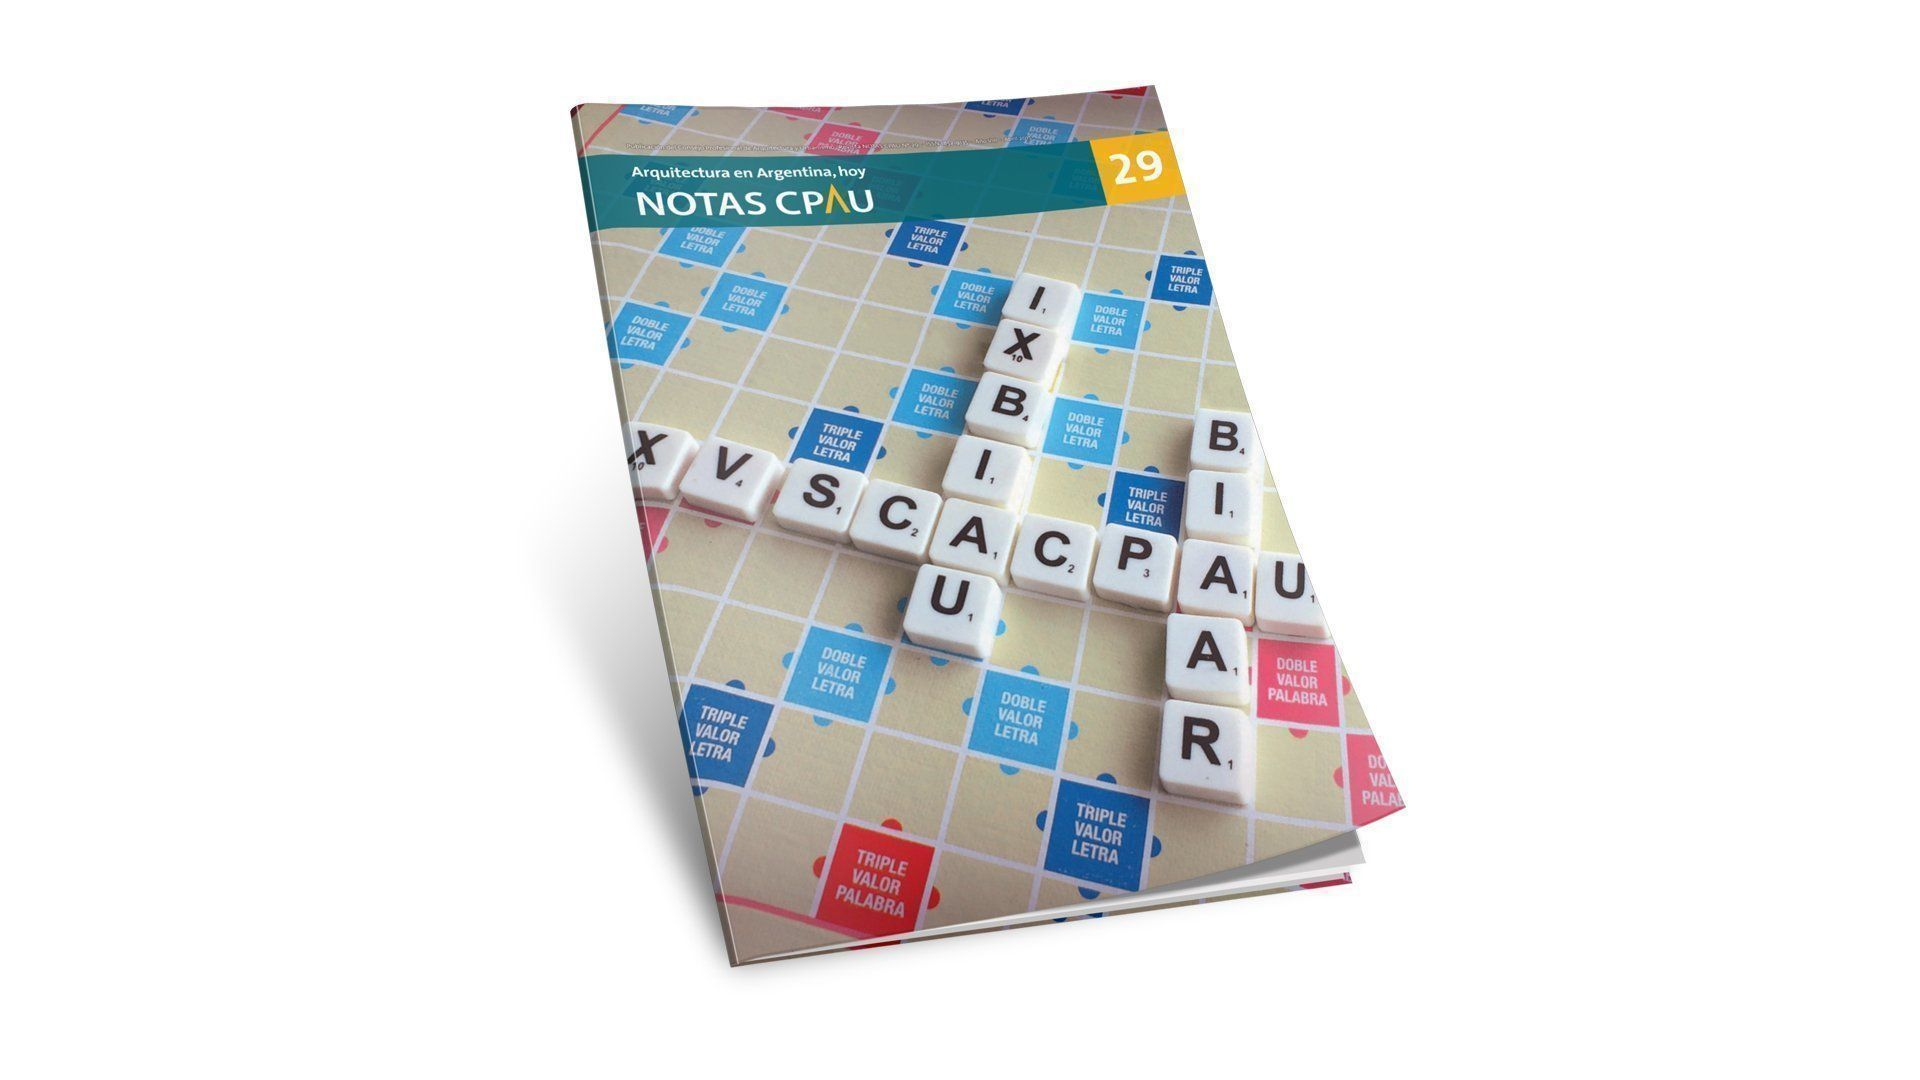 Revista Notas CPAU, Mayo 2015